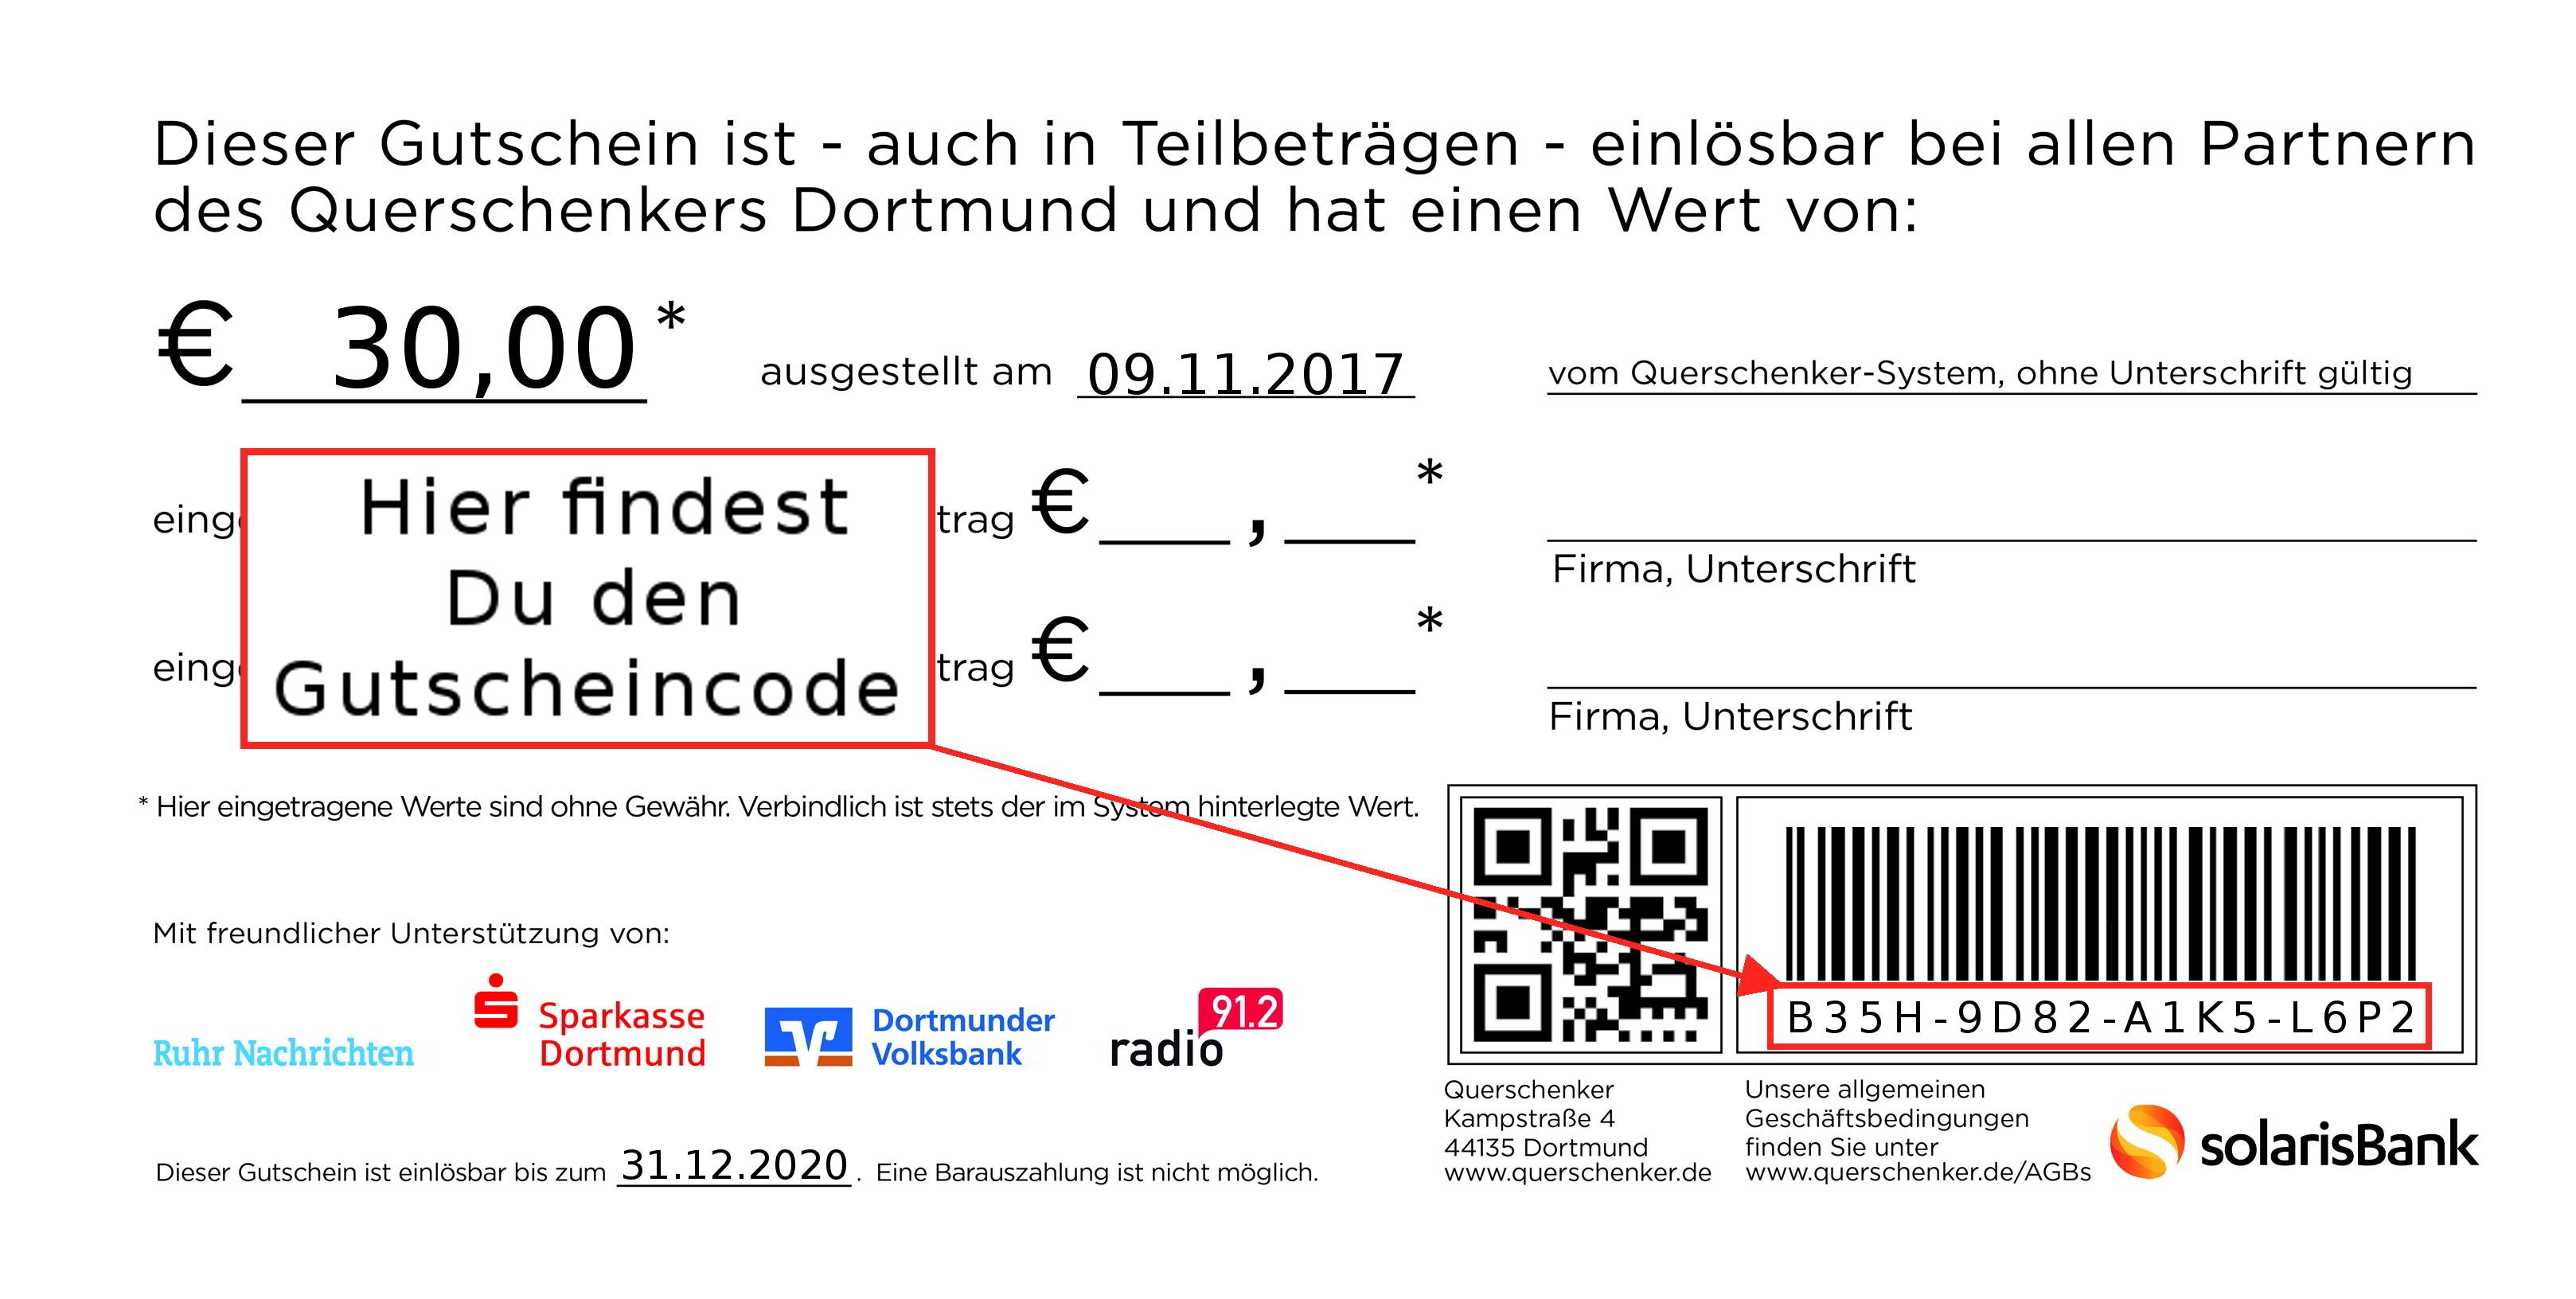 Querschenker Gutschein Dortmund Aktivieren